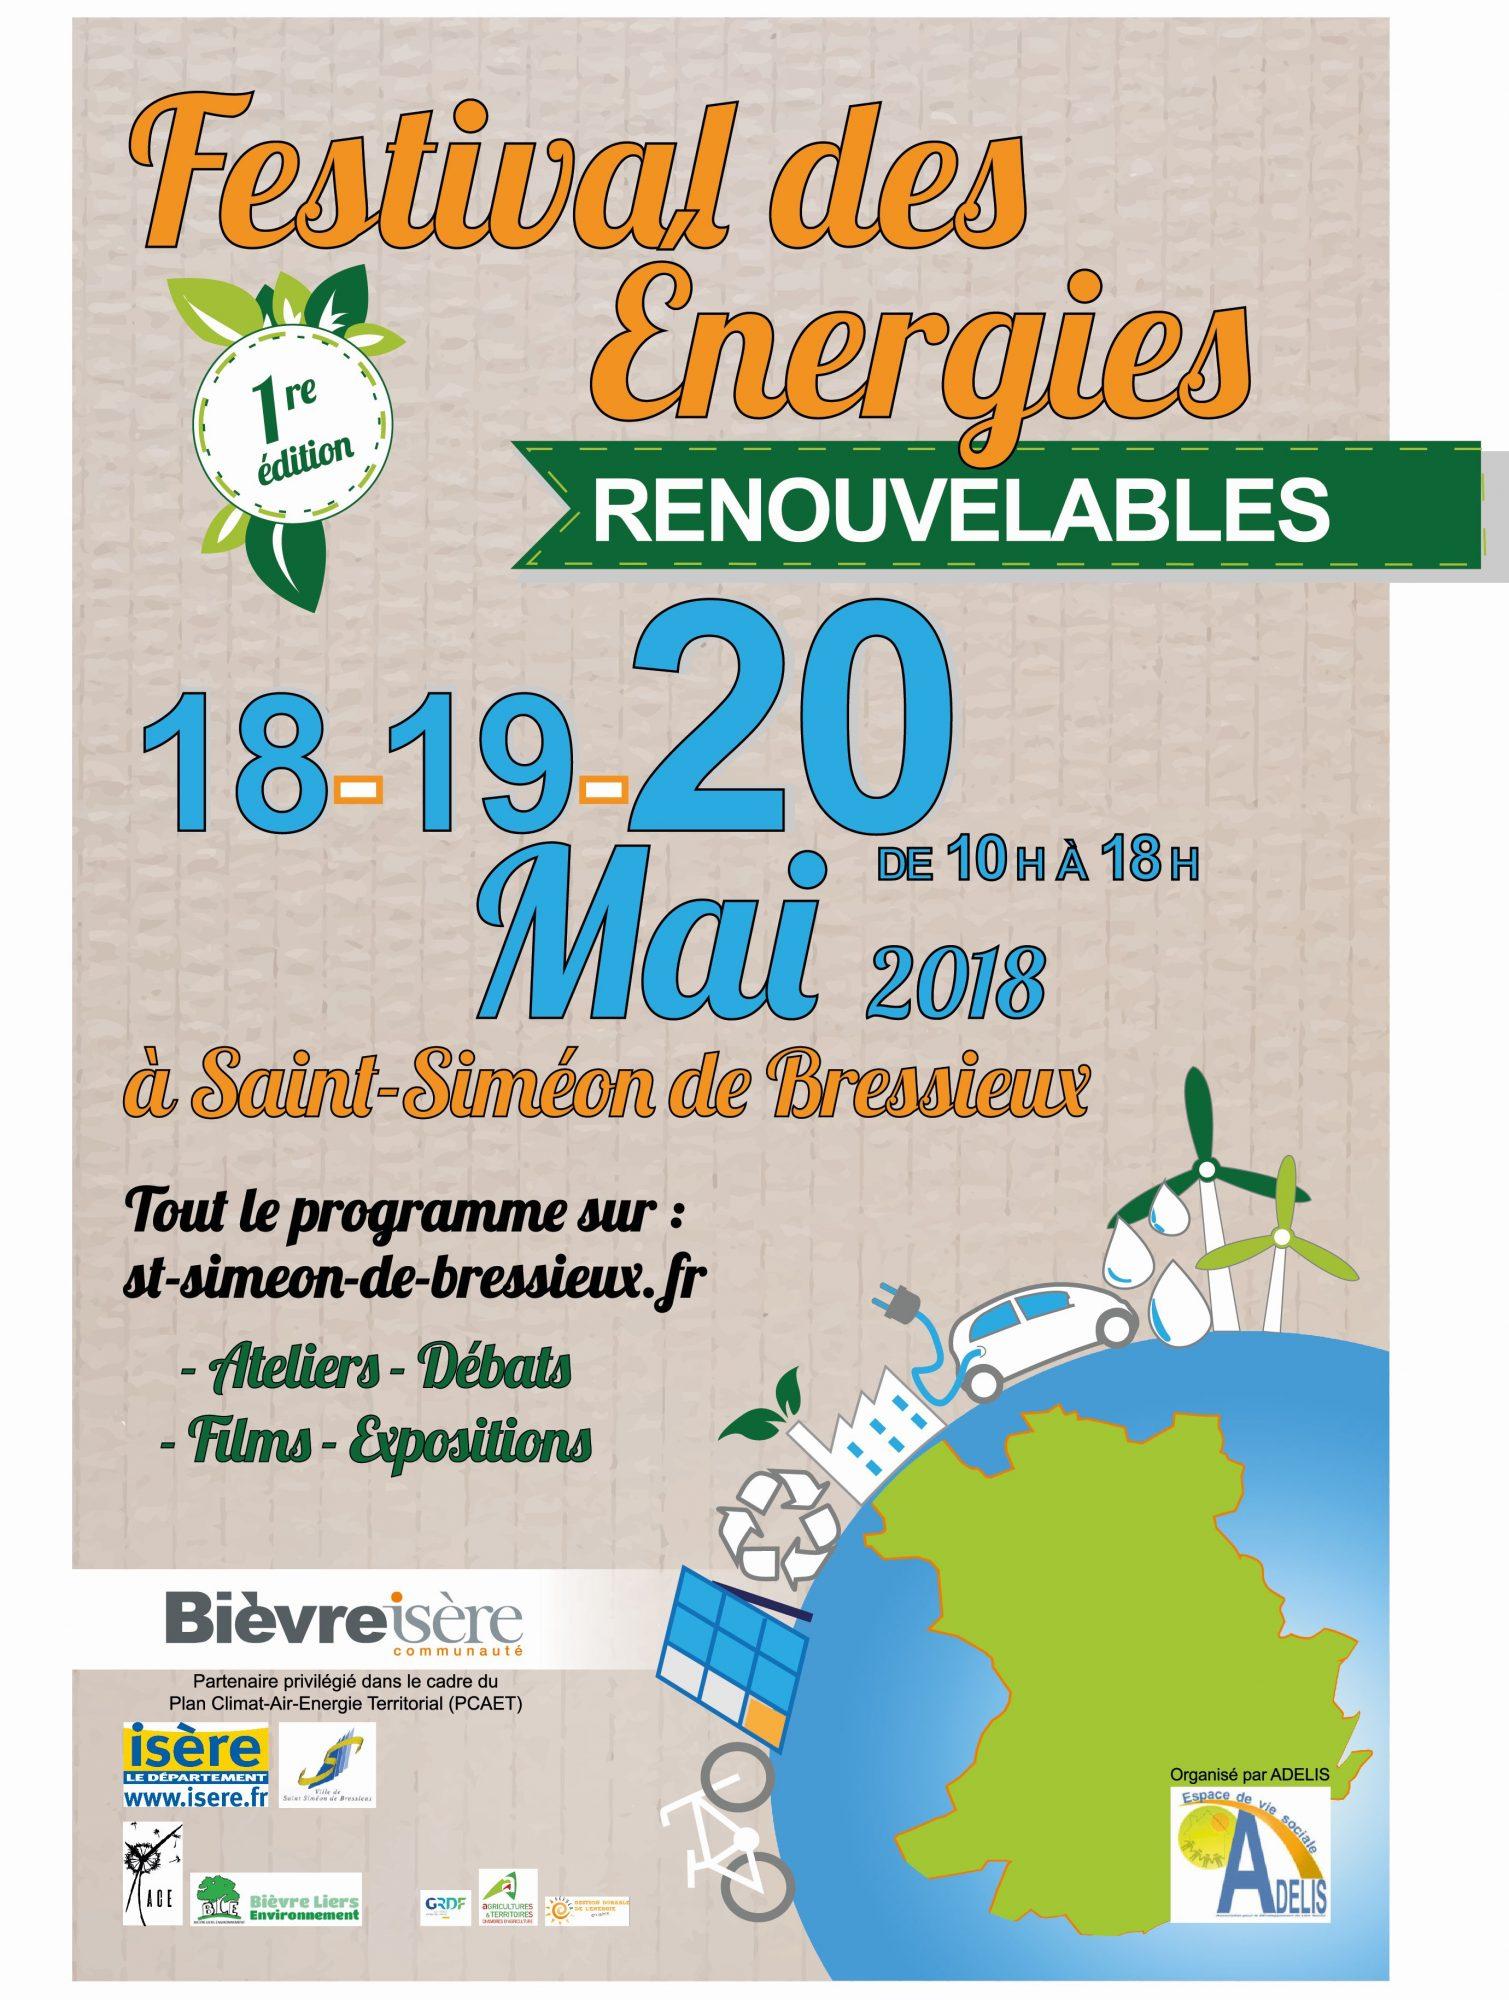 Festival des énergies renouvelables à Saint-Siméon-de-Bressieux